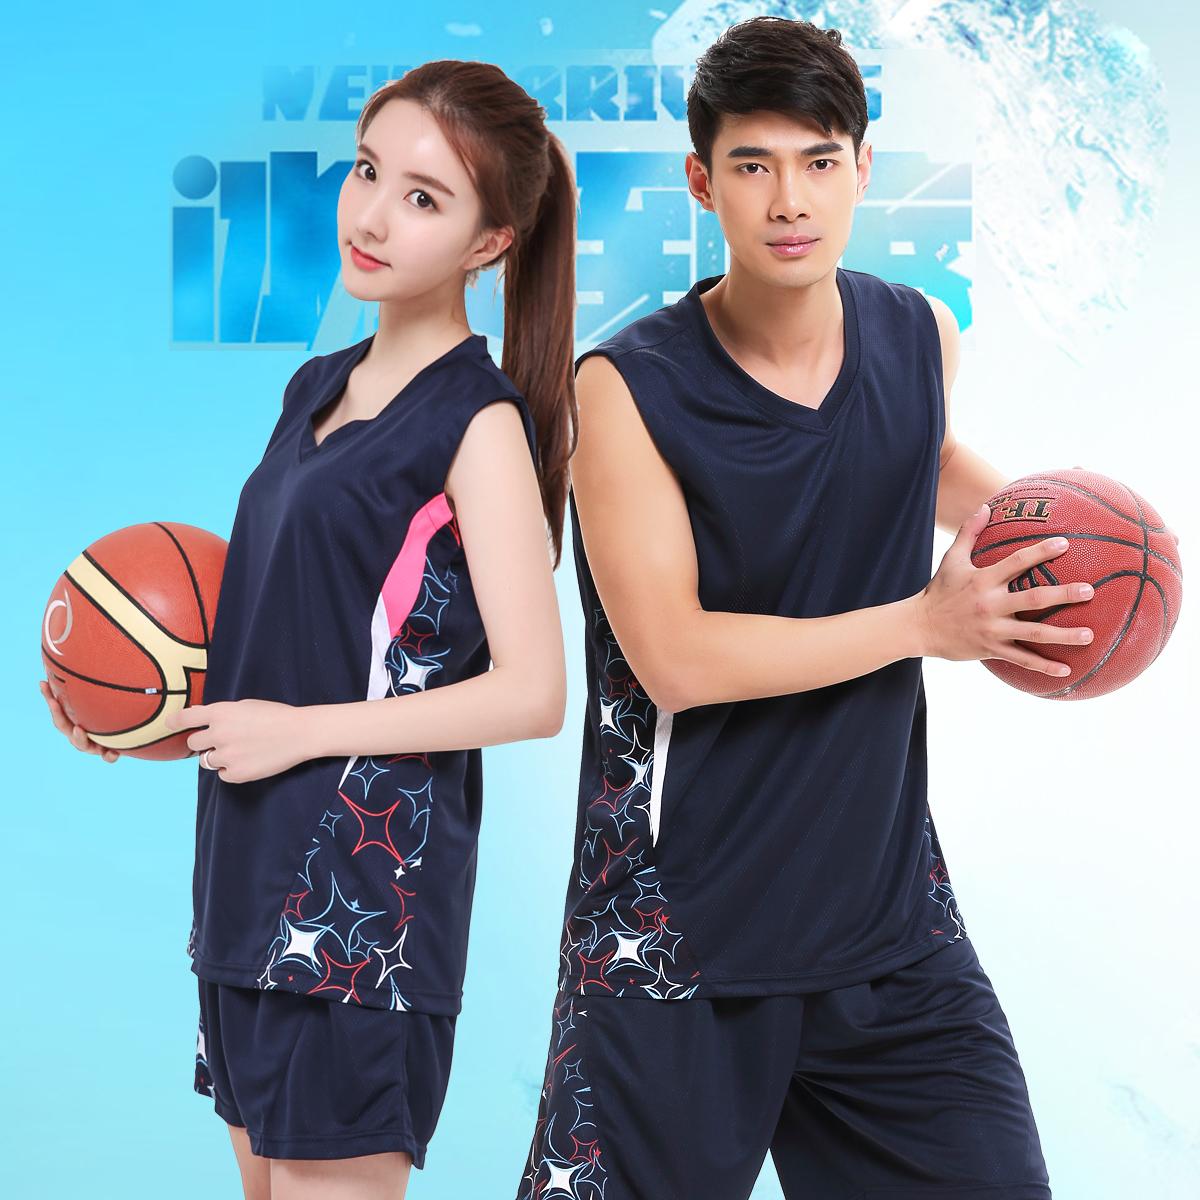 队服球衣定制中学生 比赛训练篮球服男女套装